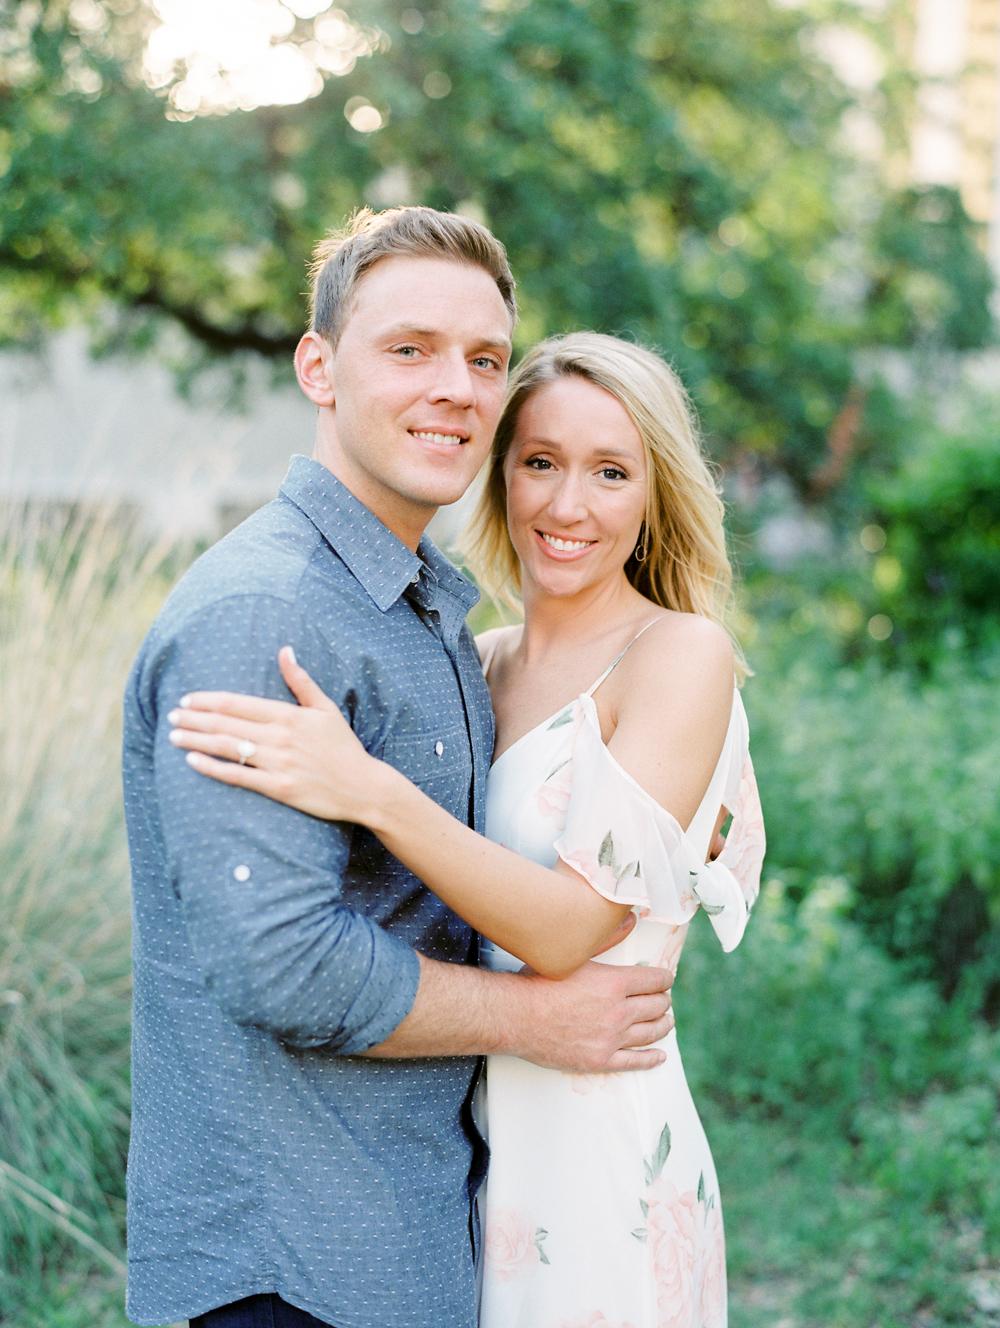 Best-Austin-Denver-California-Wedding-Photographers-fine-art-film-Engagement-Session-74.jpg